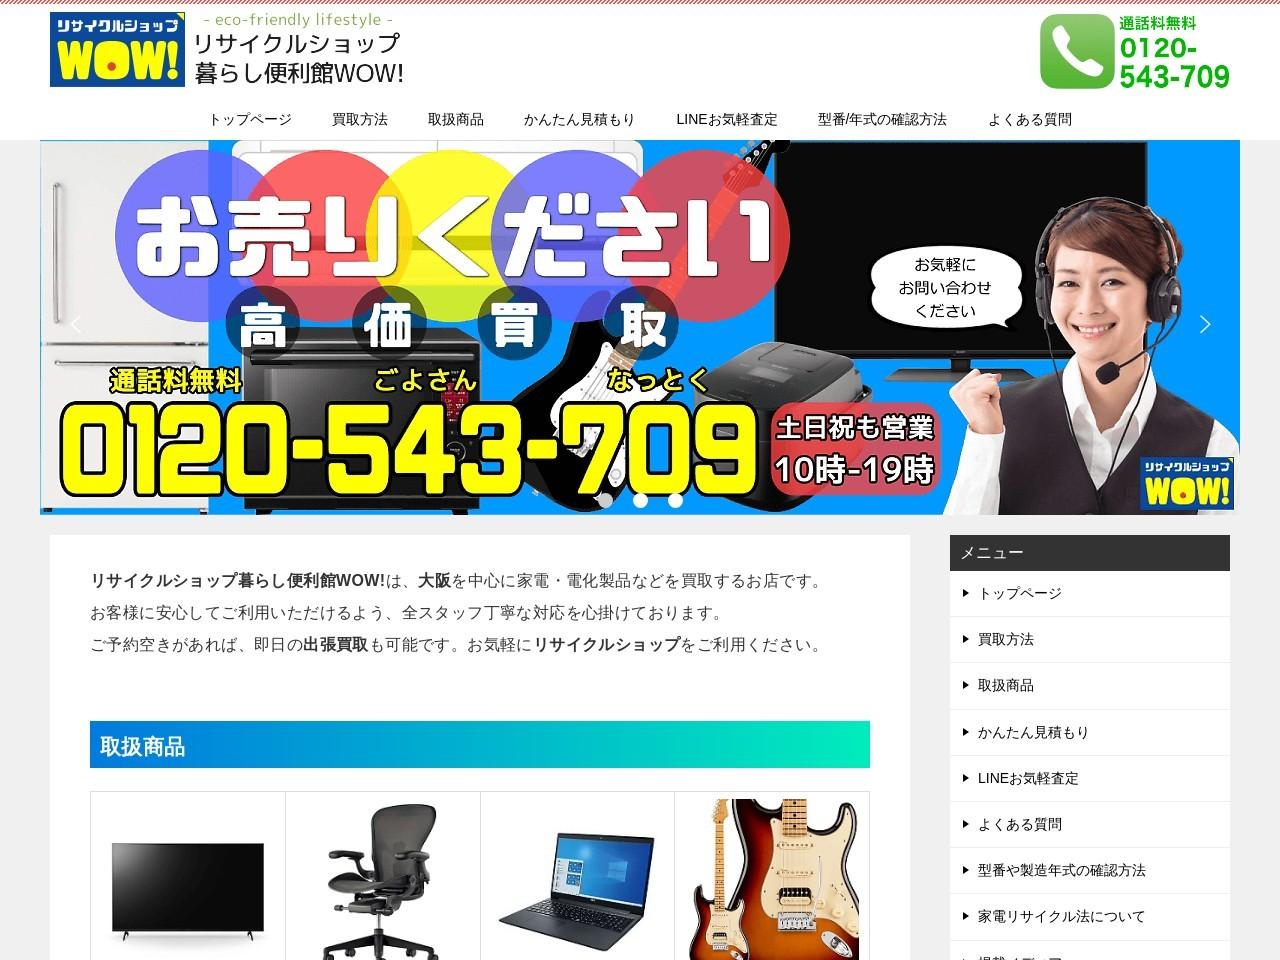 リサイクルショップ 大阪で買取・販売|リサイクルショップ暮らし便利館WOW!